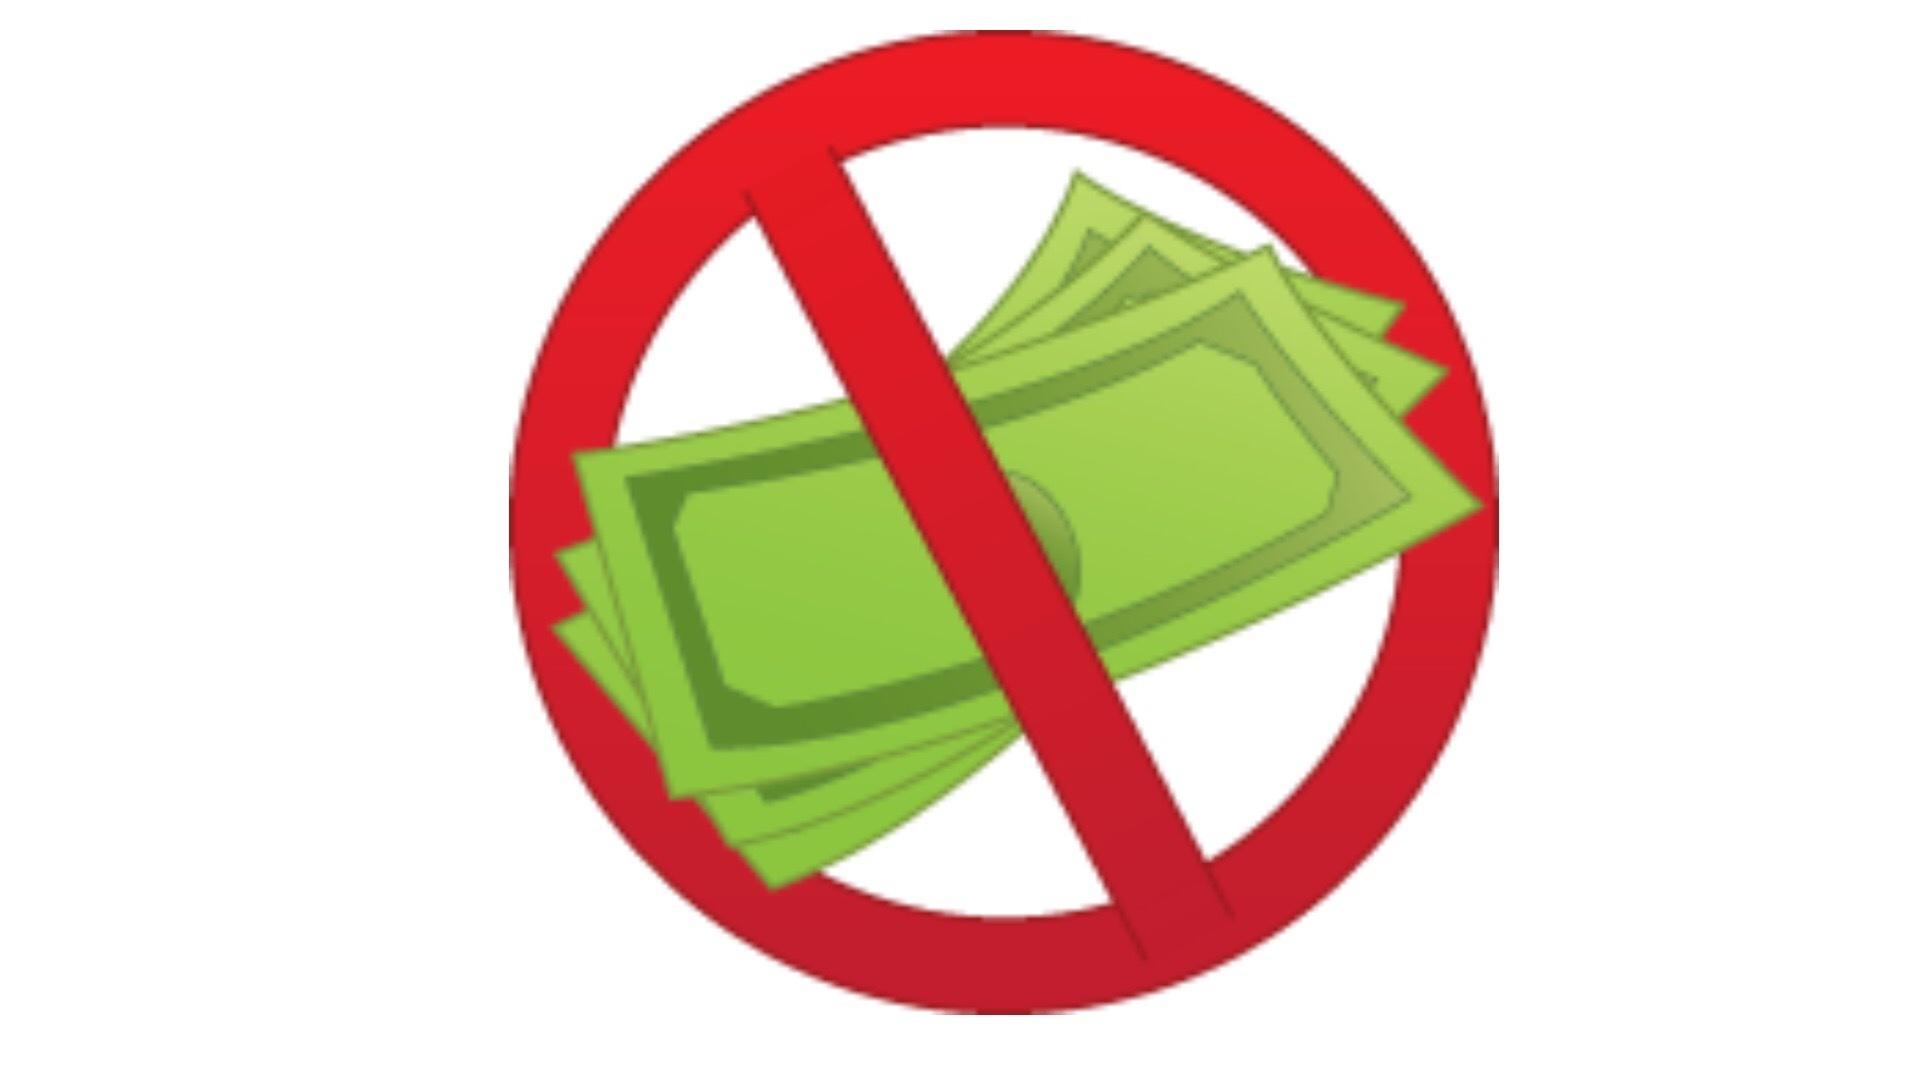 картинка доллар перечеркнутый ваш новый дом